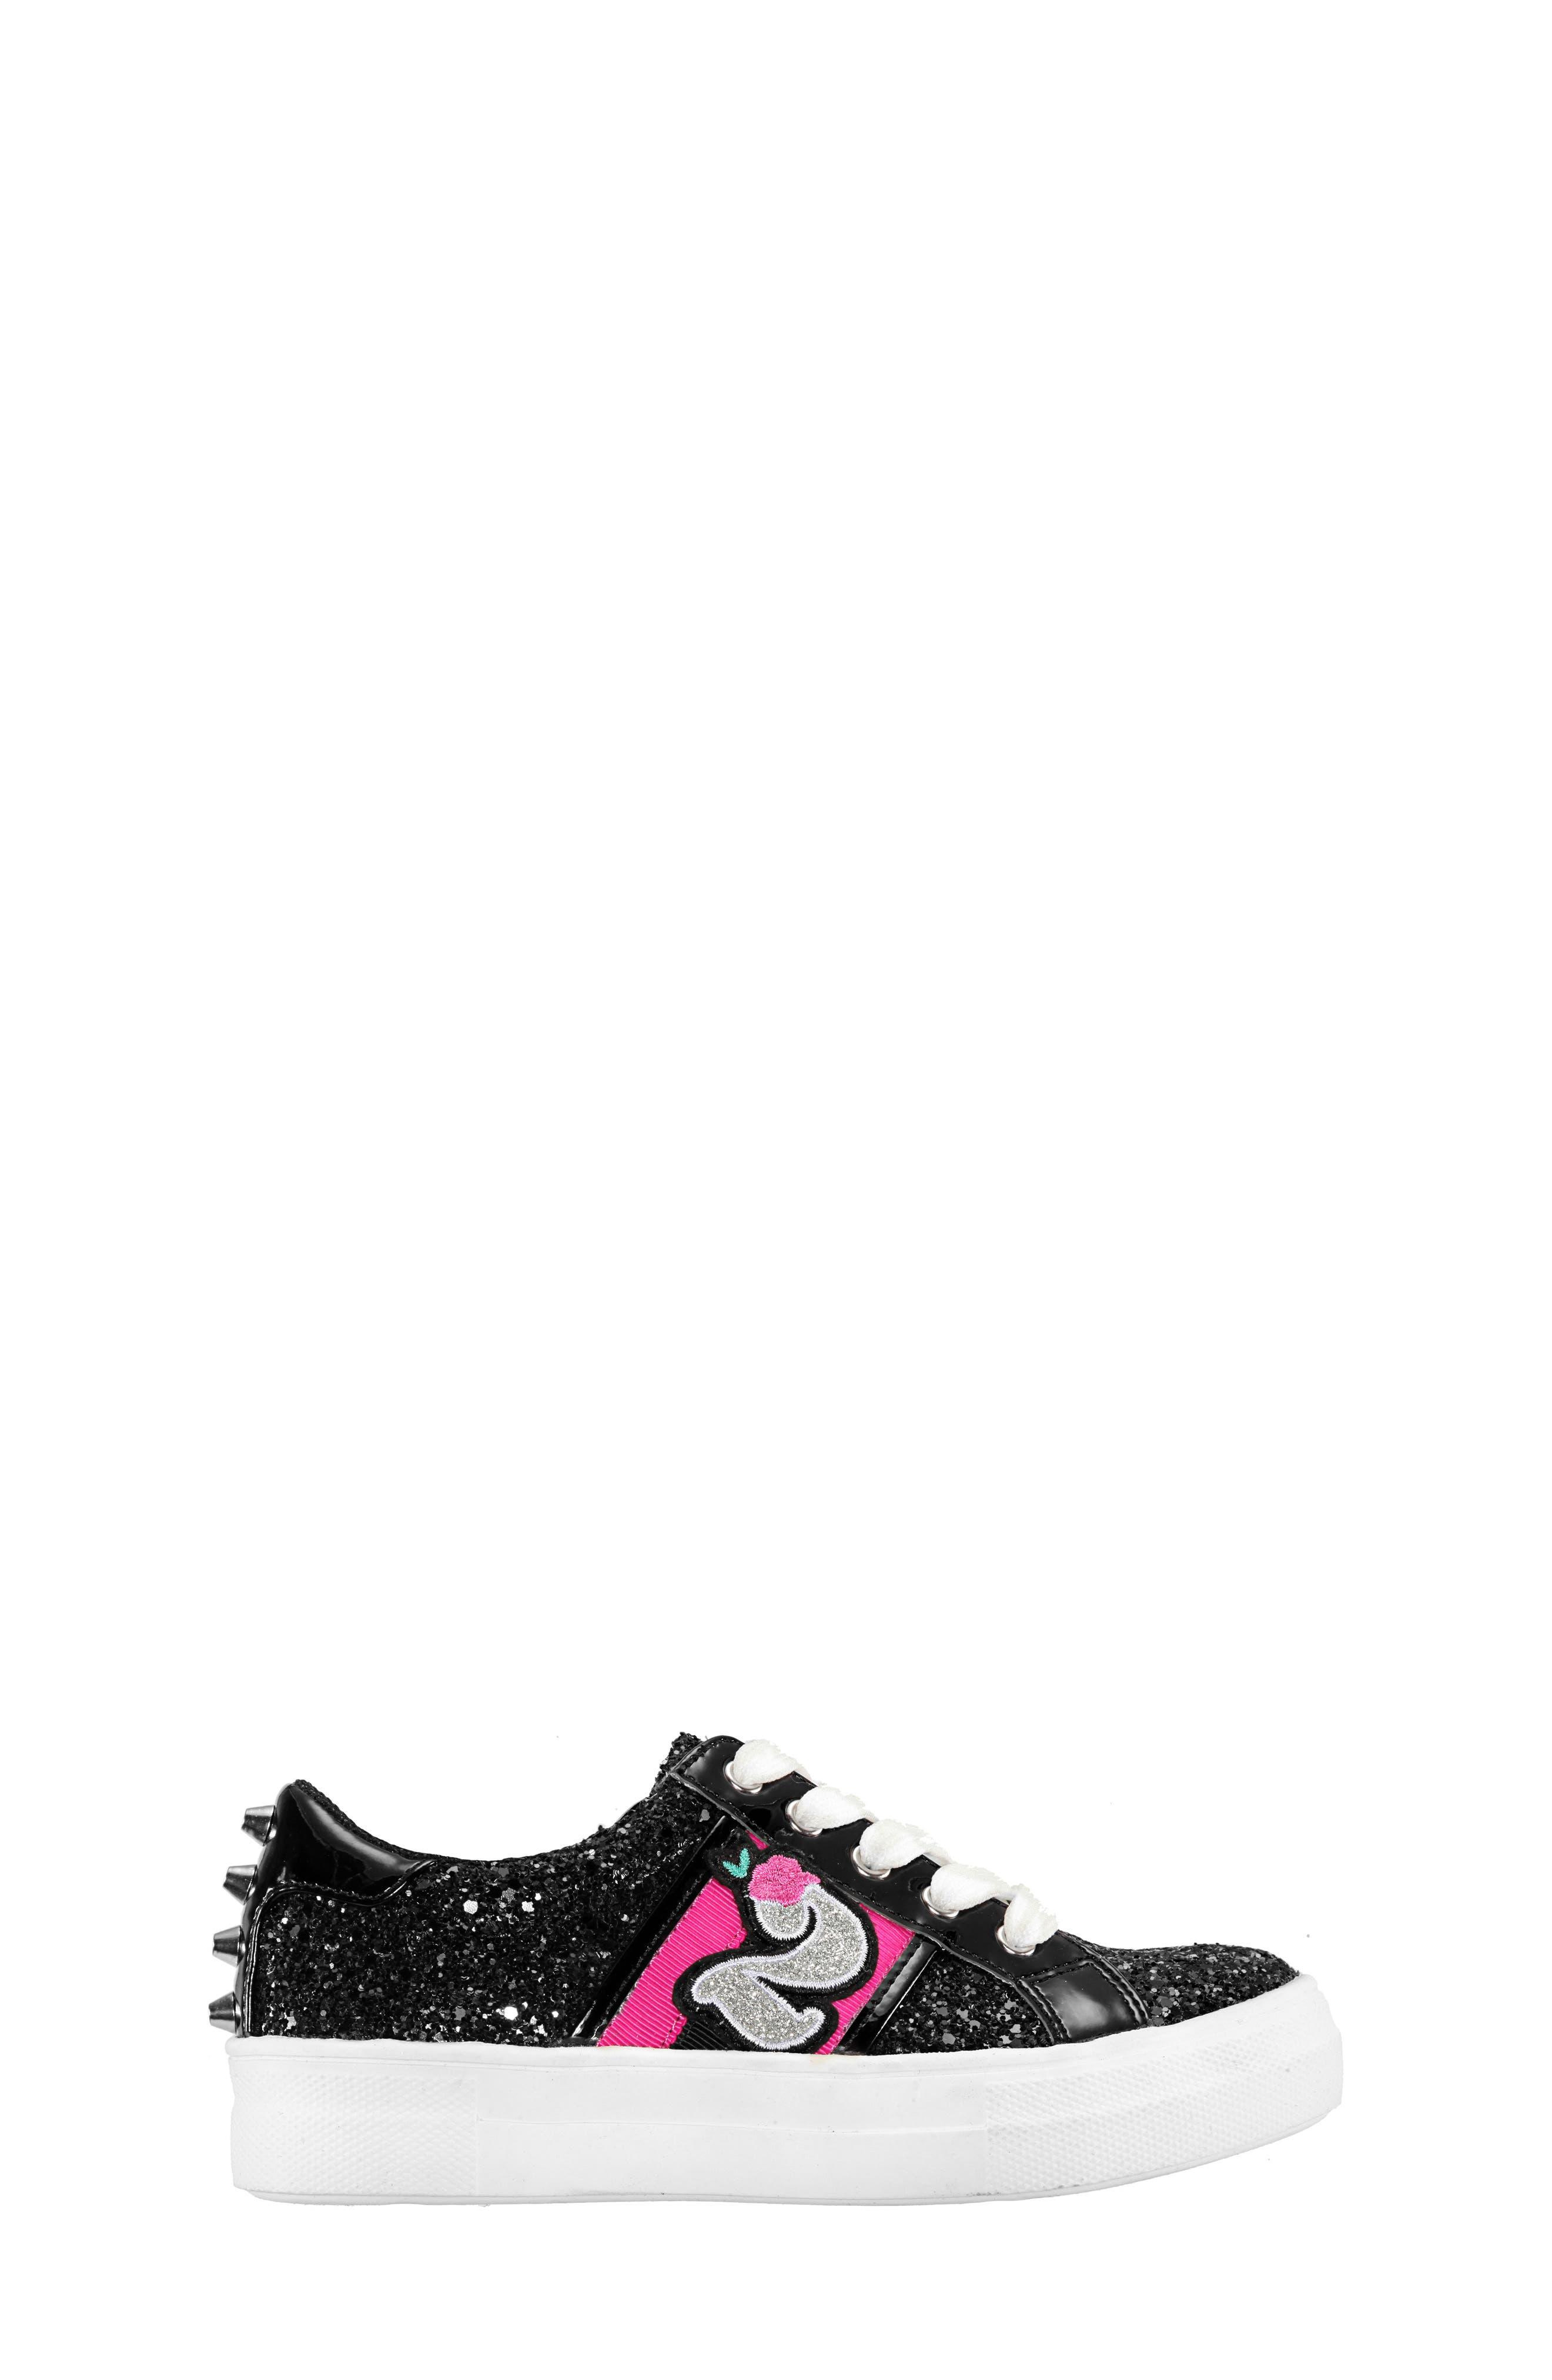 Hazeline-N Glitter Sneaker,                             Alternate thumbnail 3, color,                             BLACK CHUNKY GLITTER